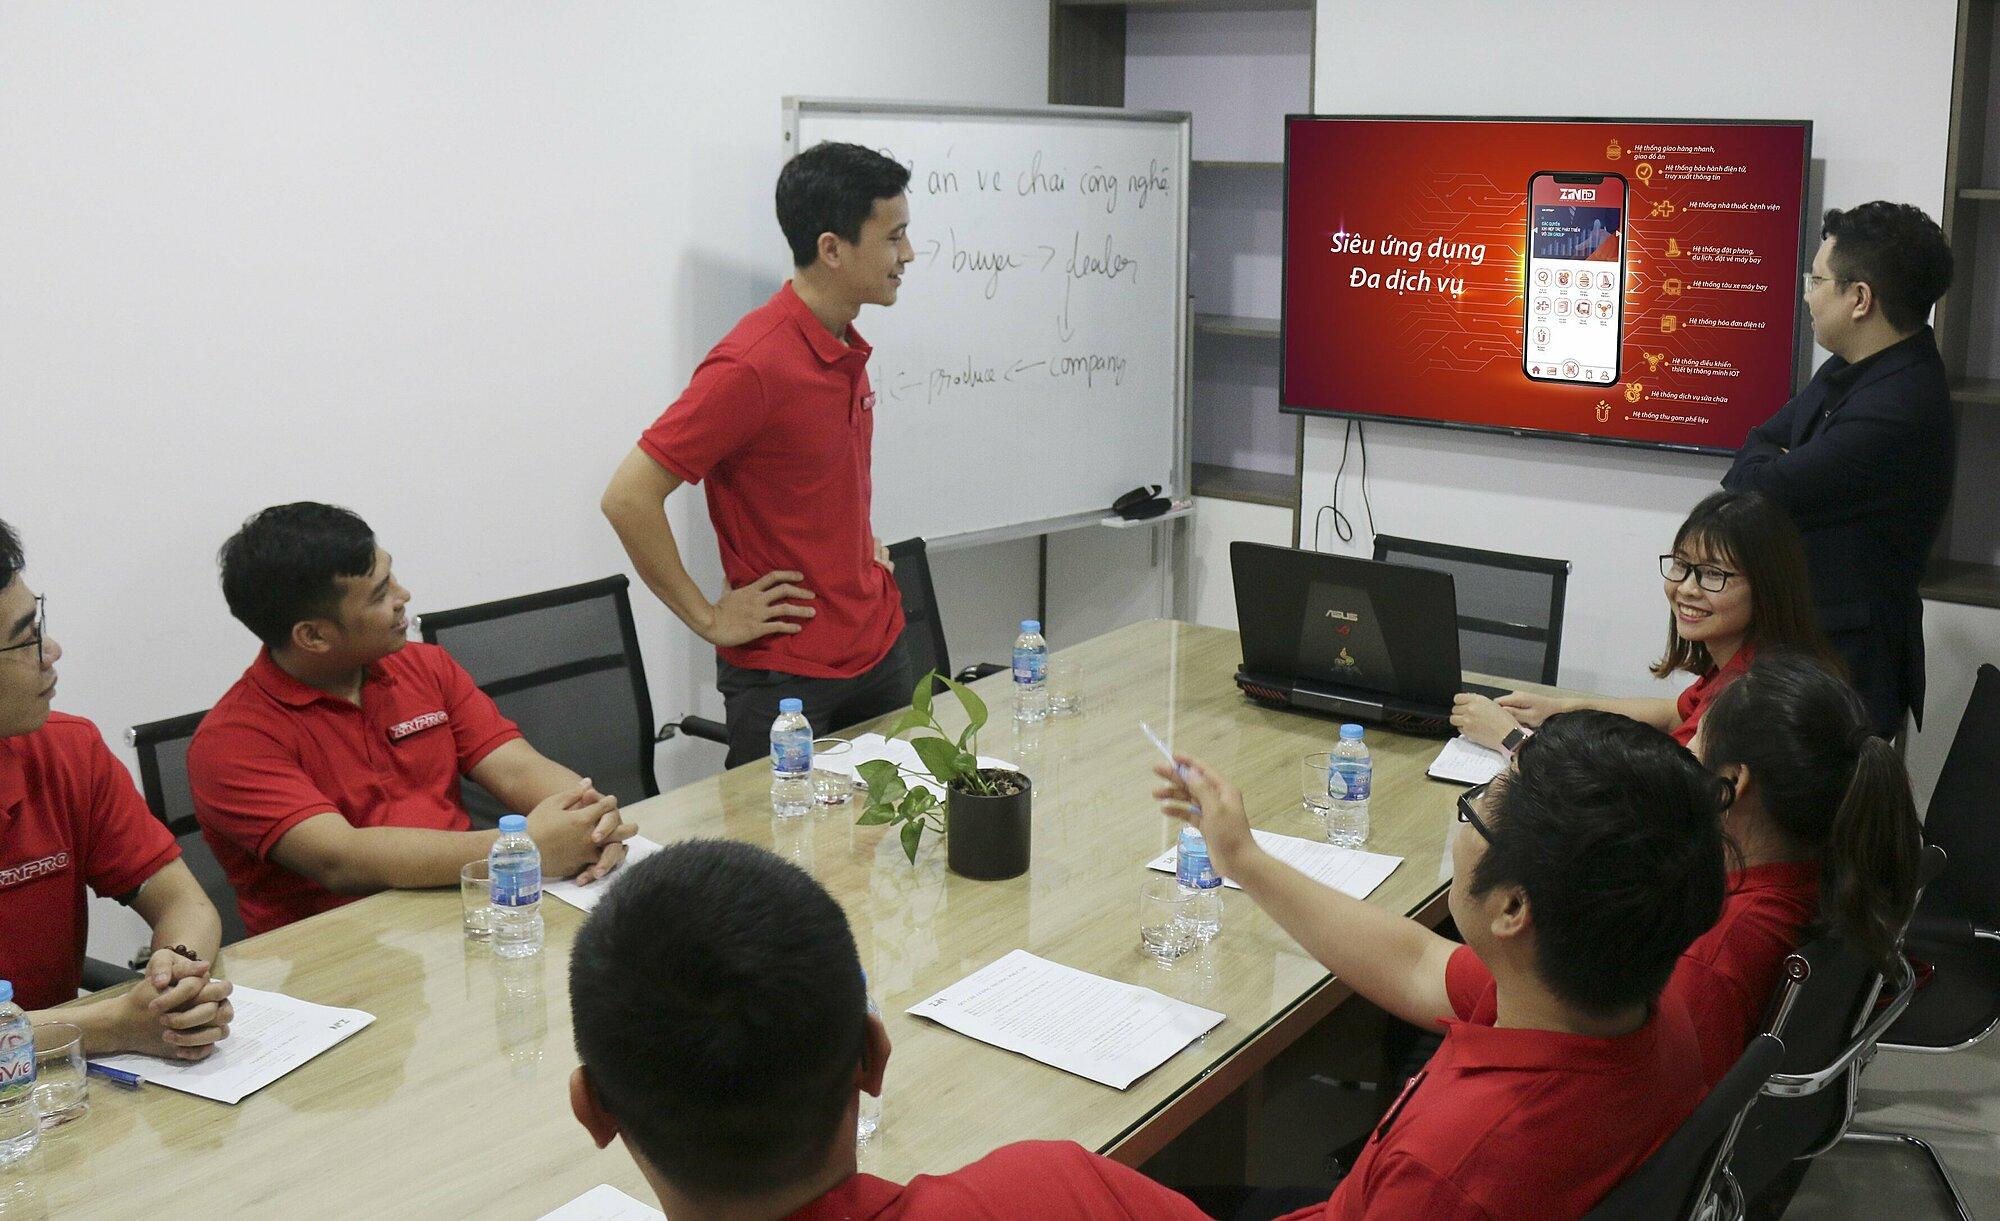 Đội ngũ ZinPro trình bày sản phẩm Siêu ứng dụng đa dịch vụ với khách hàng.